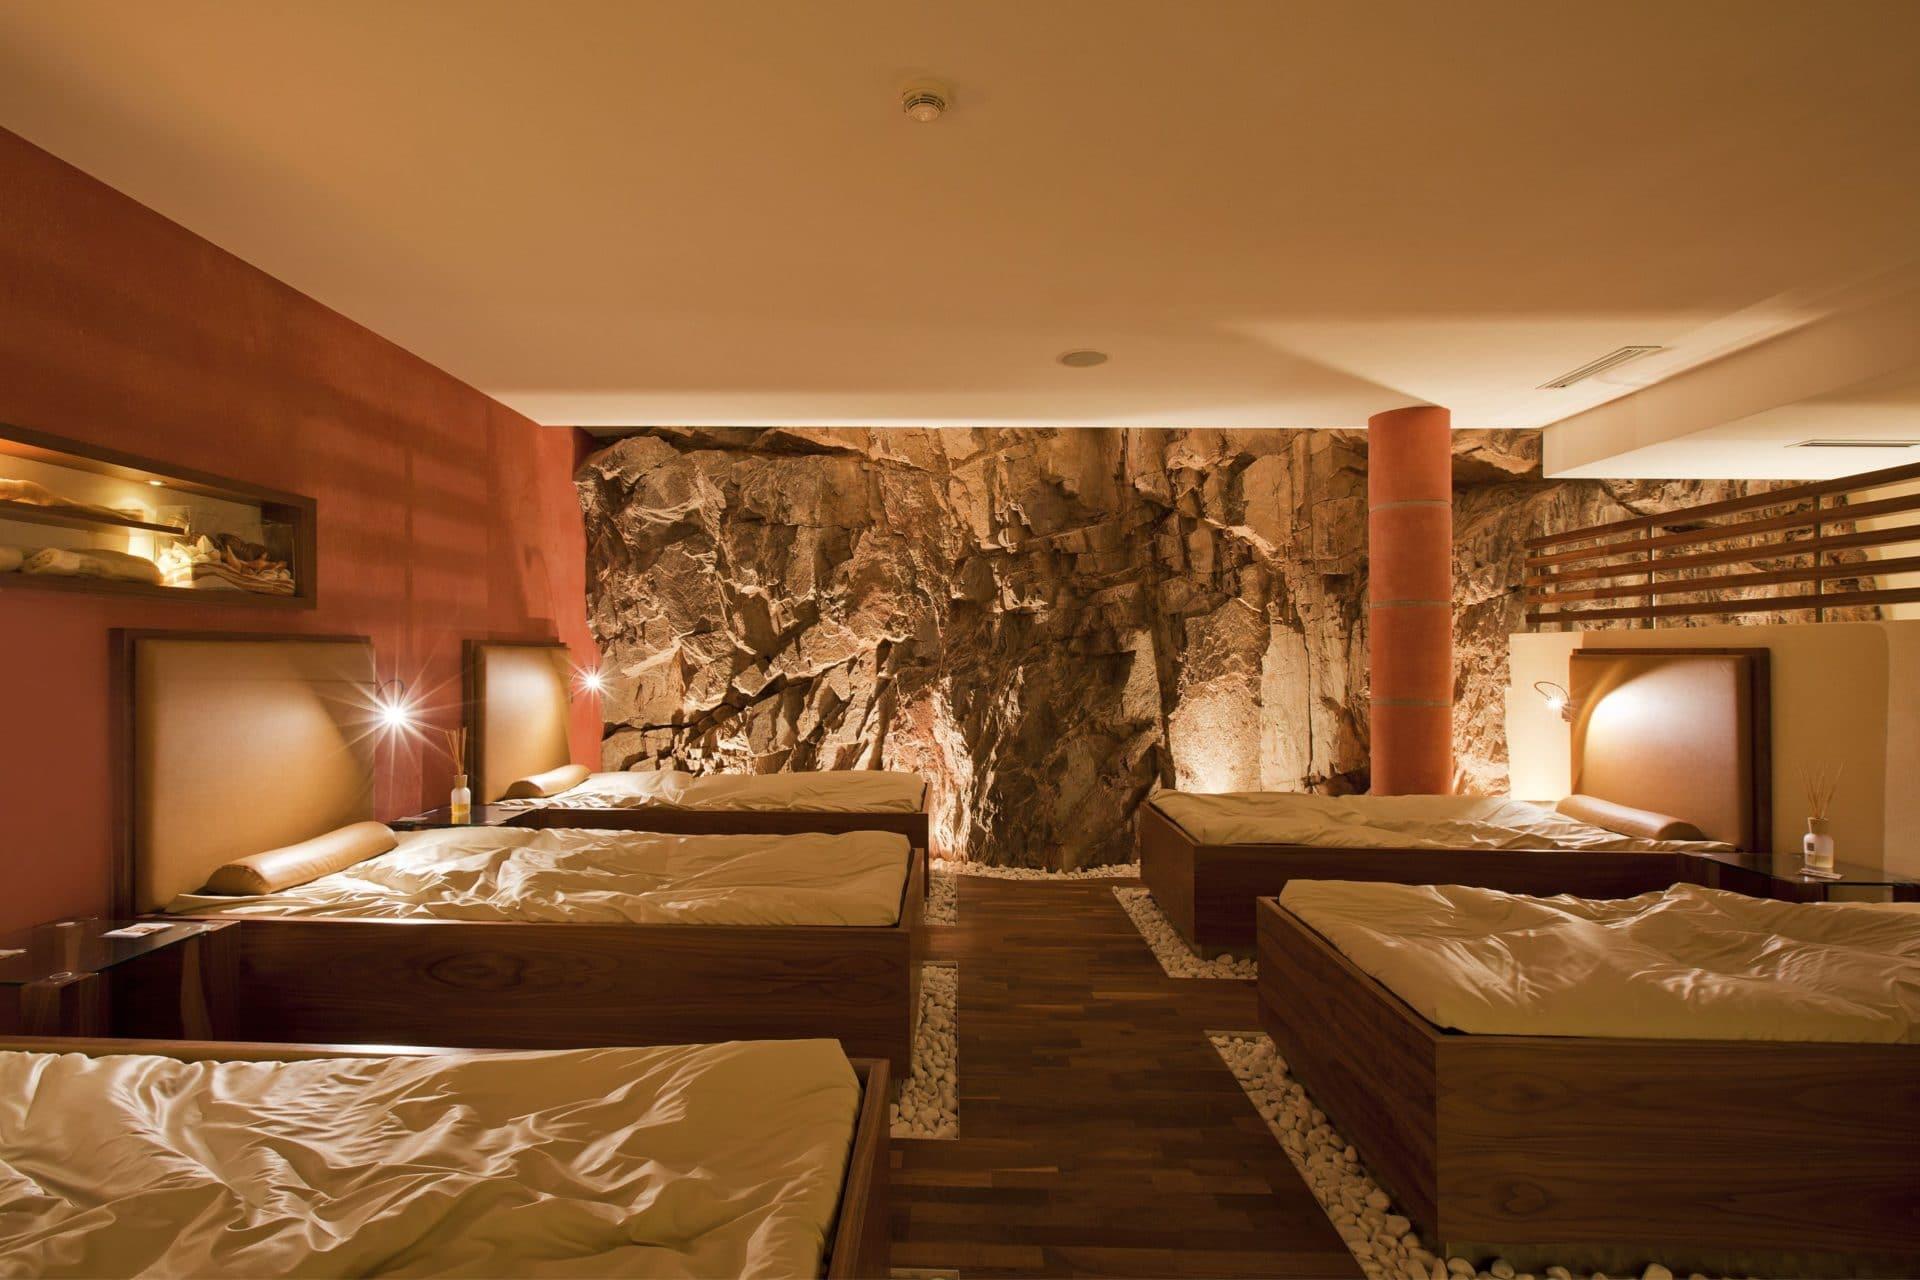 Hotel per bambini in Val di Fassa: Dolce Casa, relax